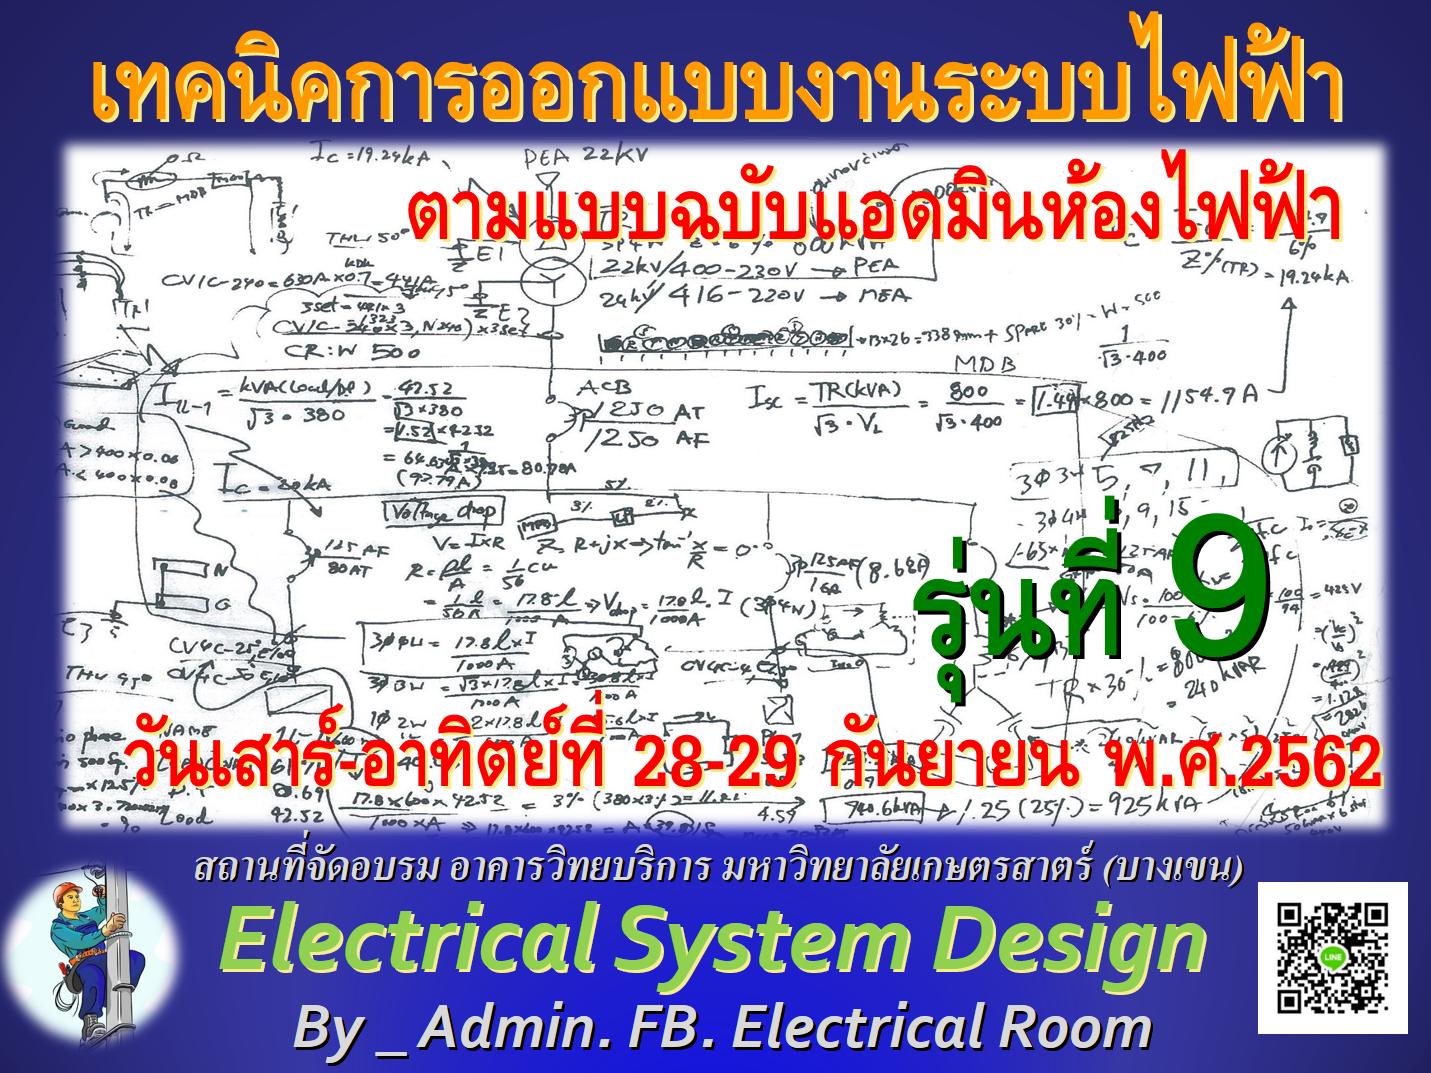 ออกแบบห้องไฟฟ้า